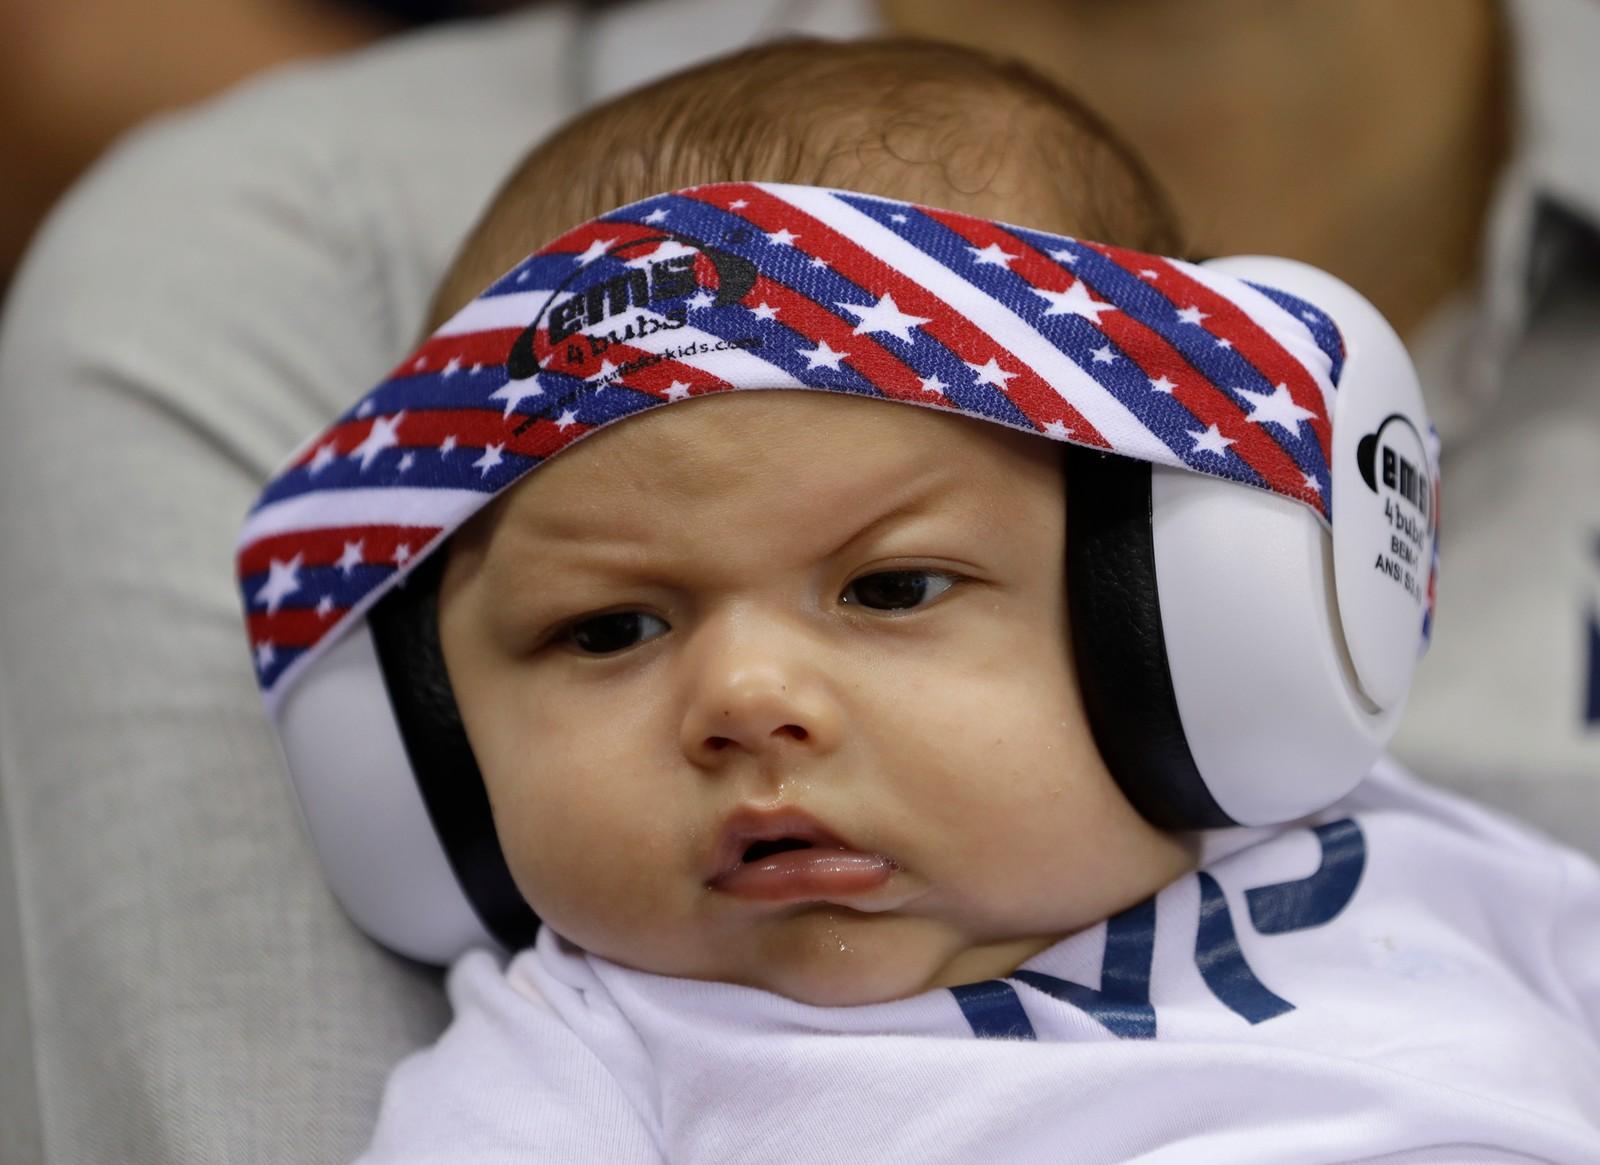 Det er ikke bare Michael Phelps' ansiktsuttrykk som blir plukket opp av kamera. Også hans sønn Boomer er til stadighet blitt fotografert i svømmehallen.